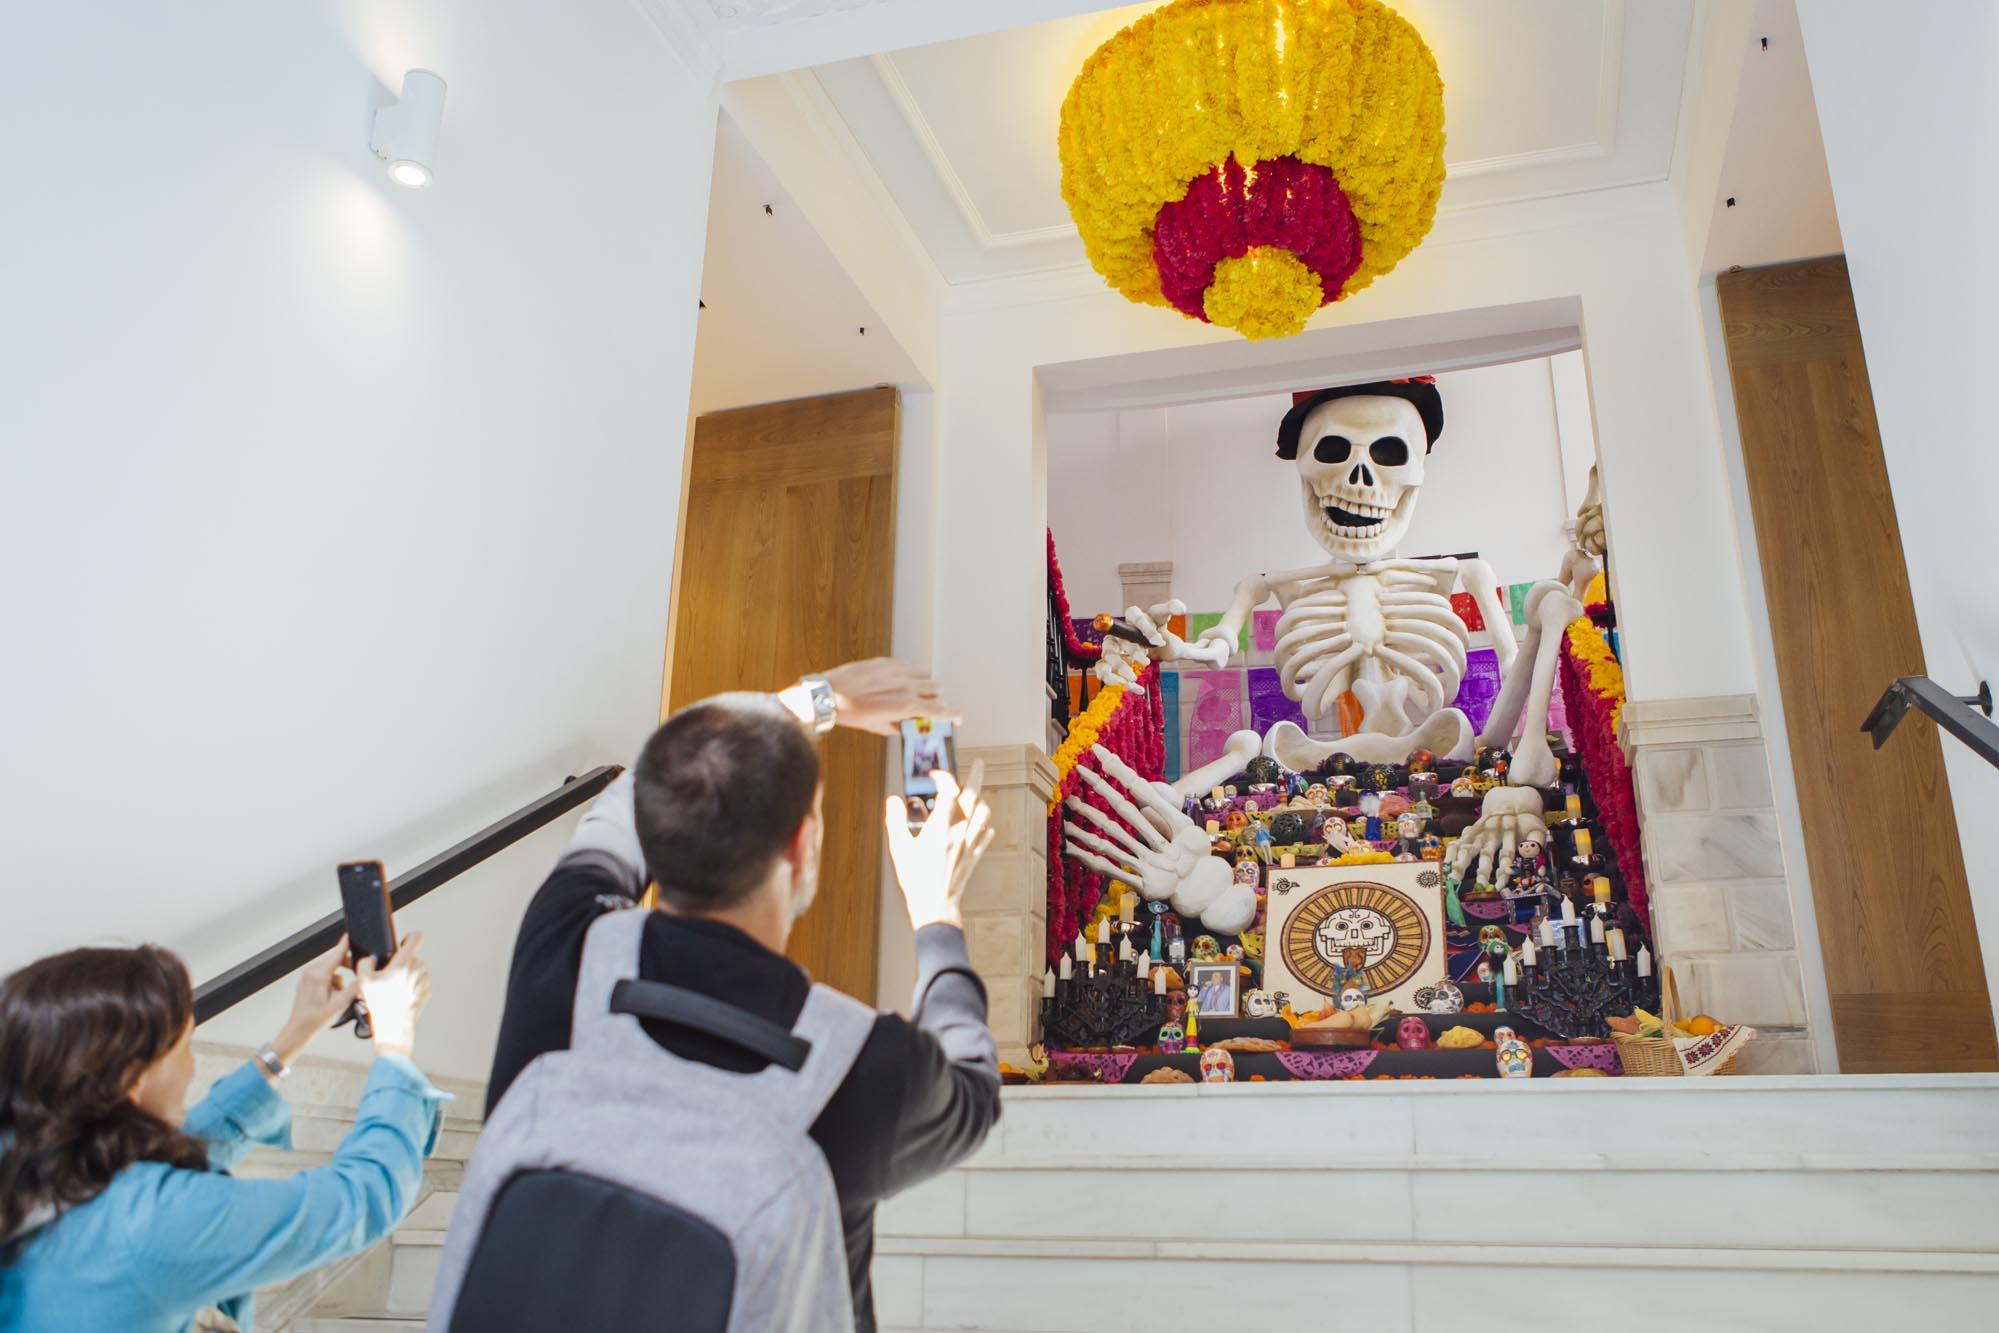 El altar de muertos se monta como símbolo para dar de comer a los seres queridos que ya no están.